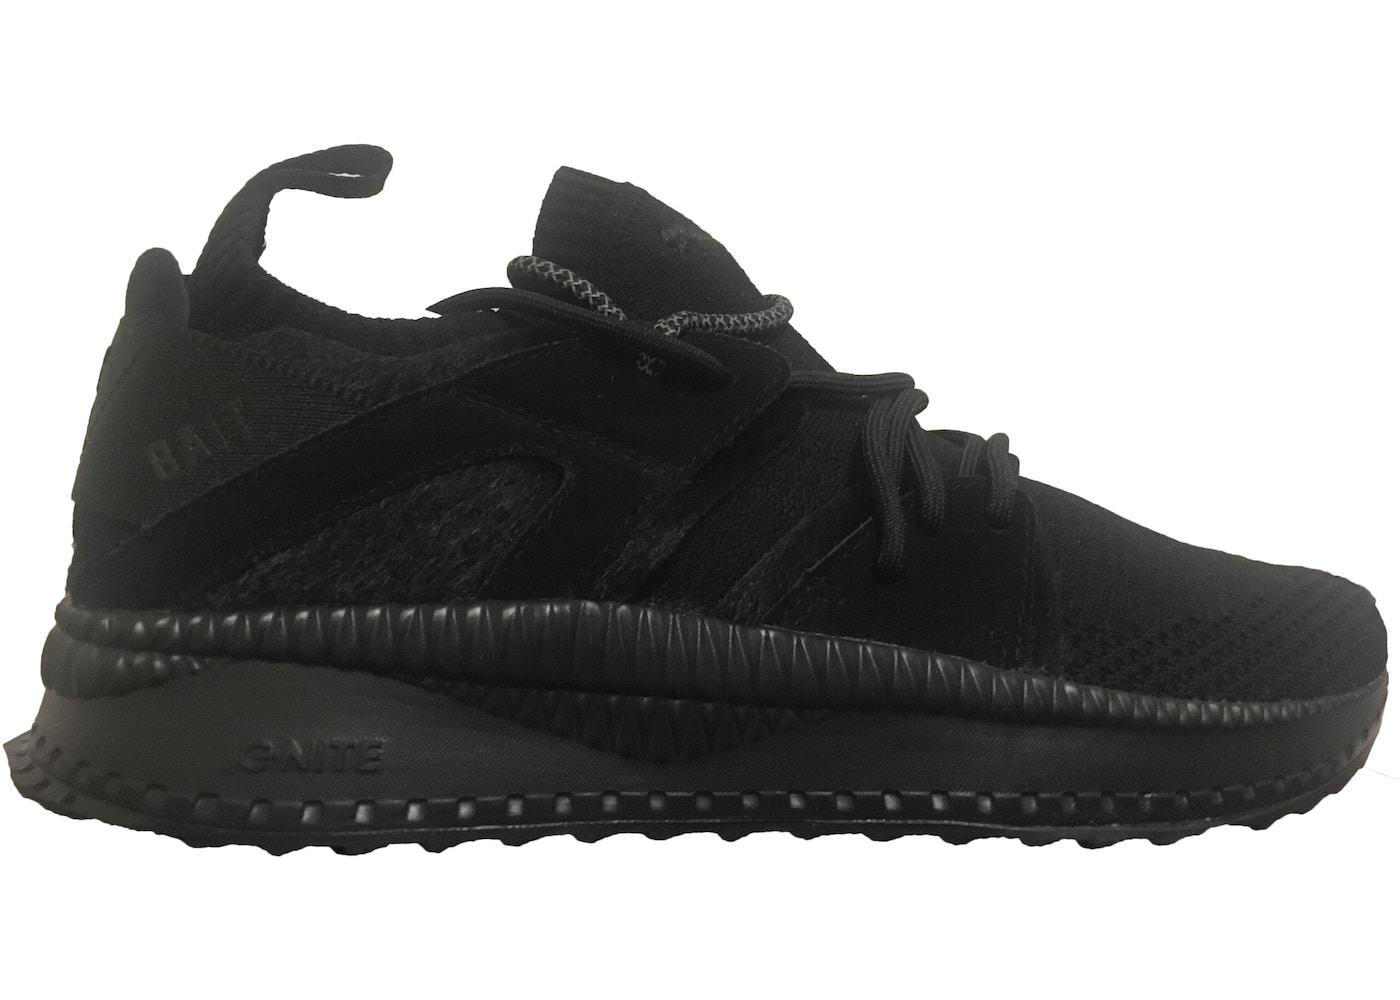 39796173c0711f Puma Size 10 Shoes - Price Premium